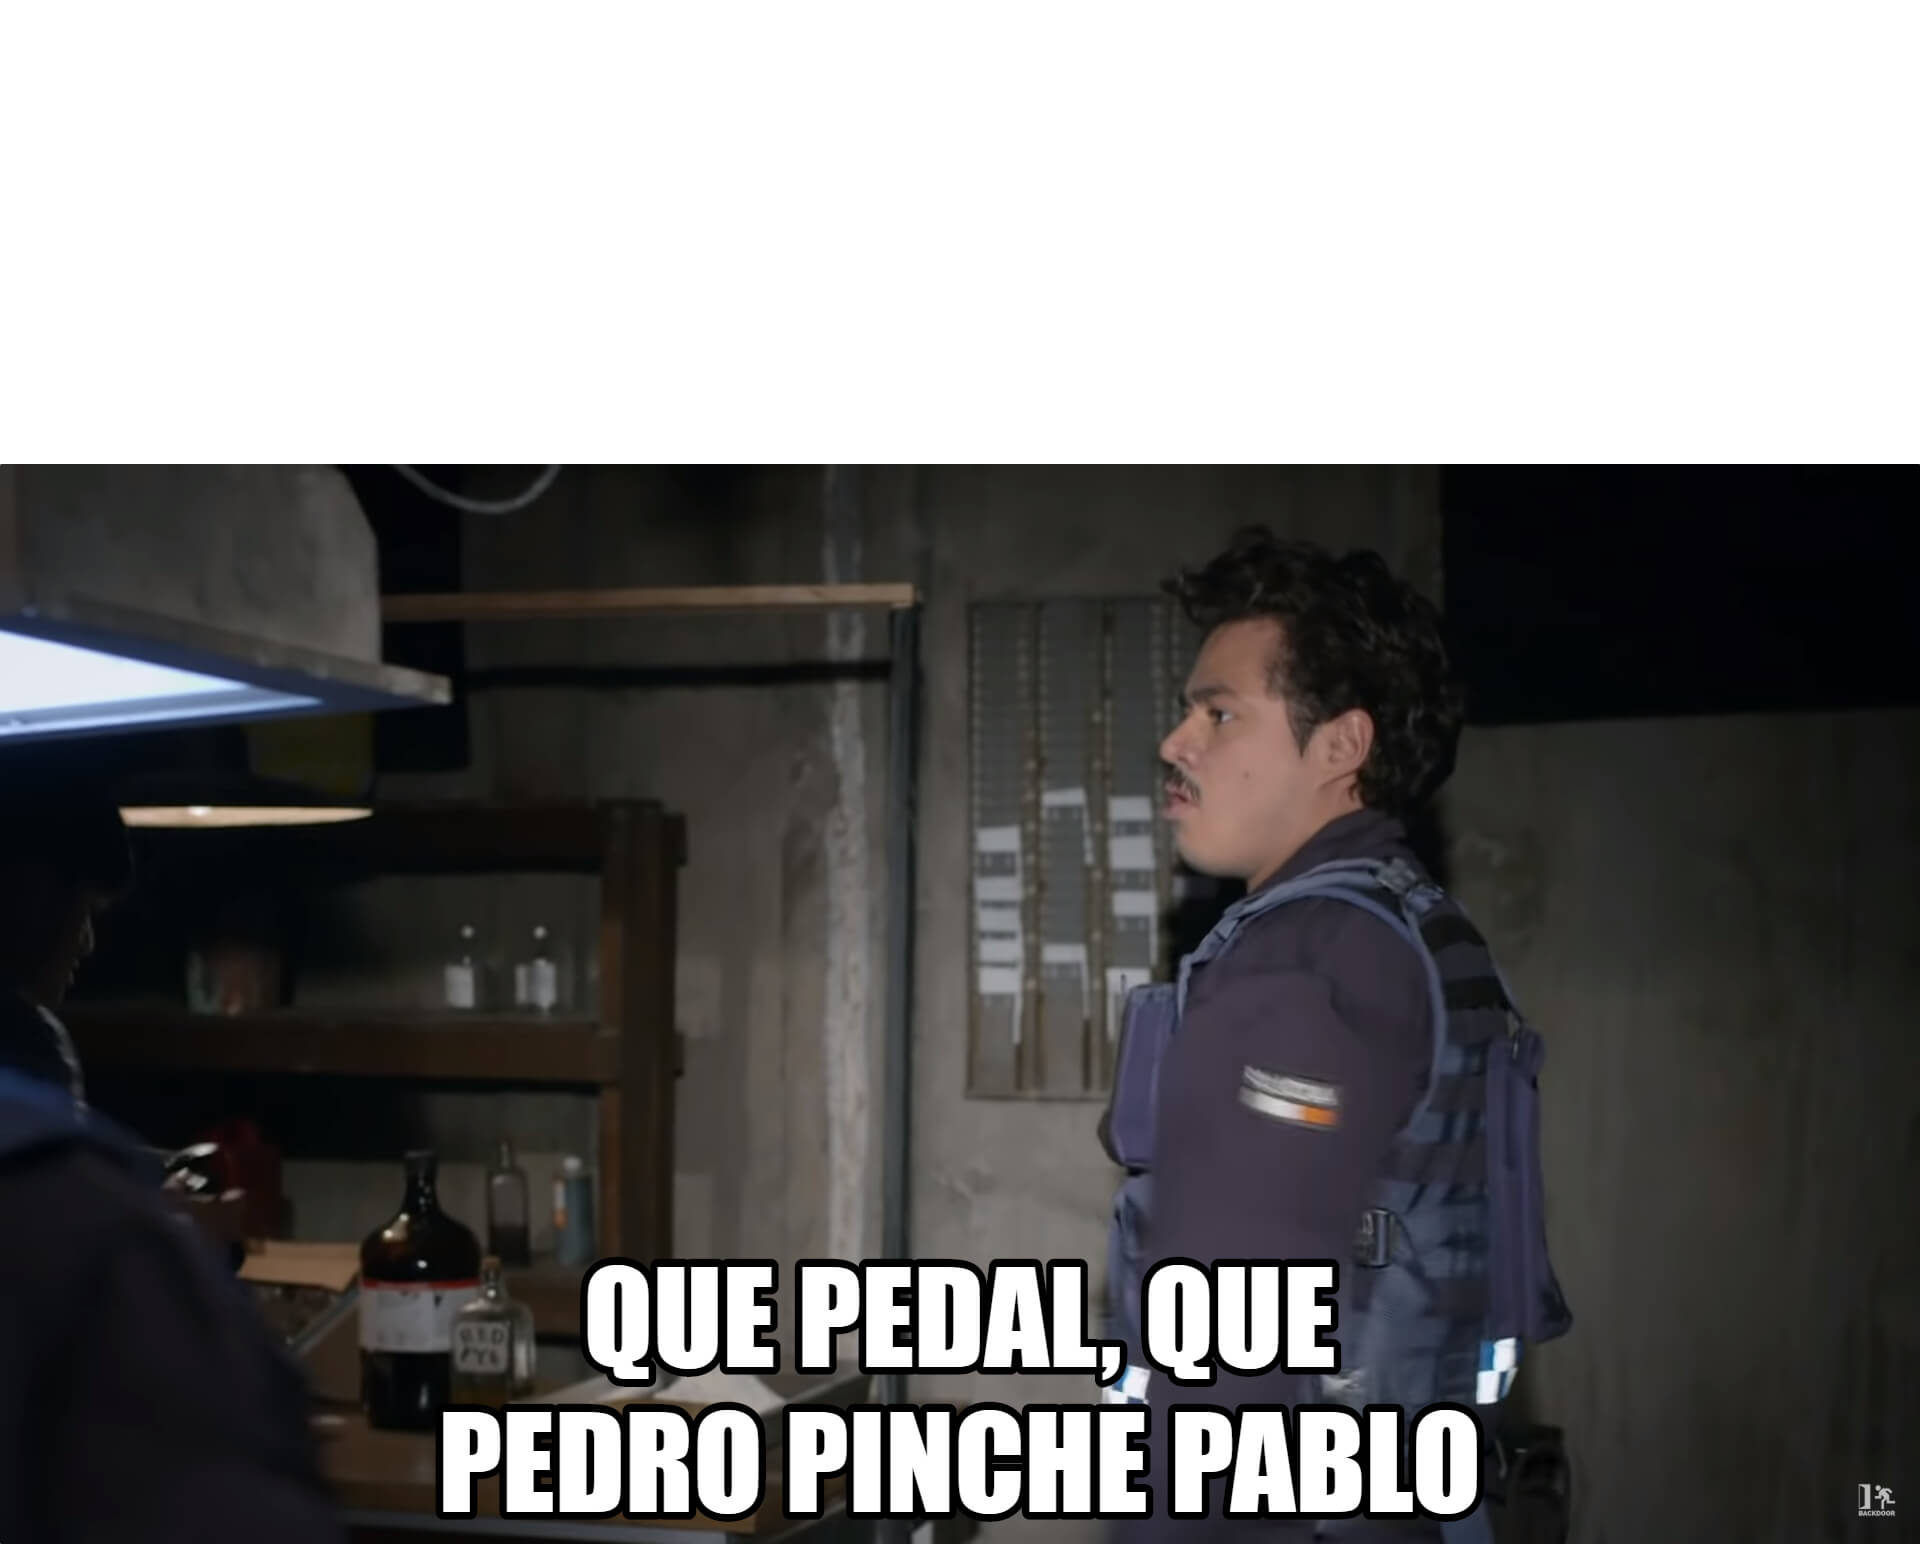 Ir a la pagina de la plantilla Que pedal, que Pedro pinche Pablo.